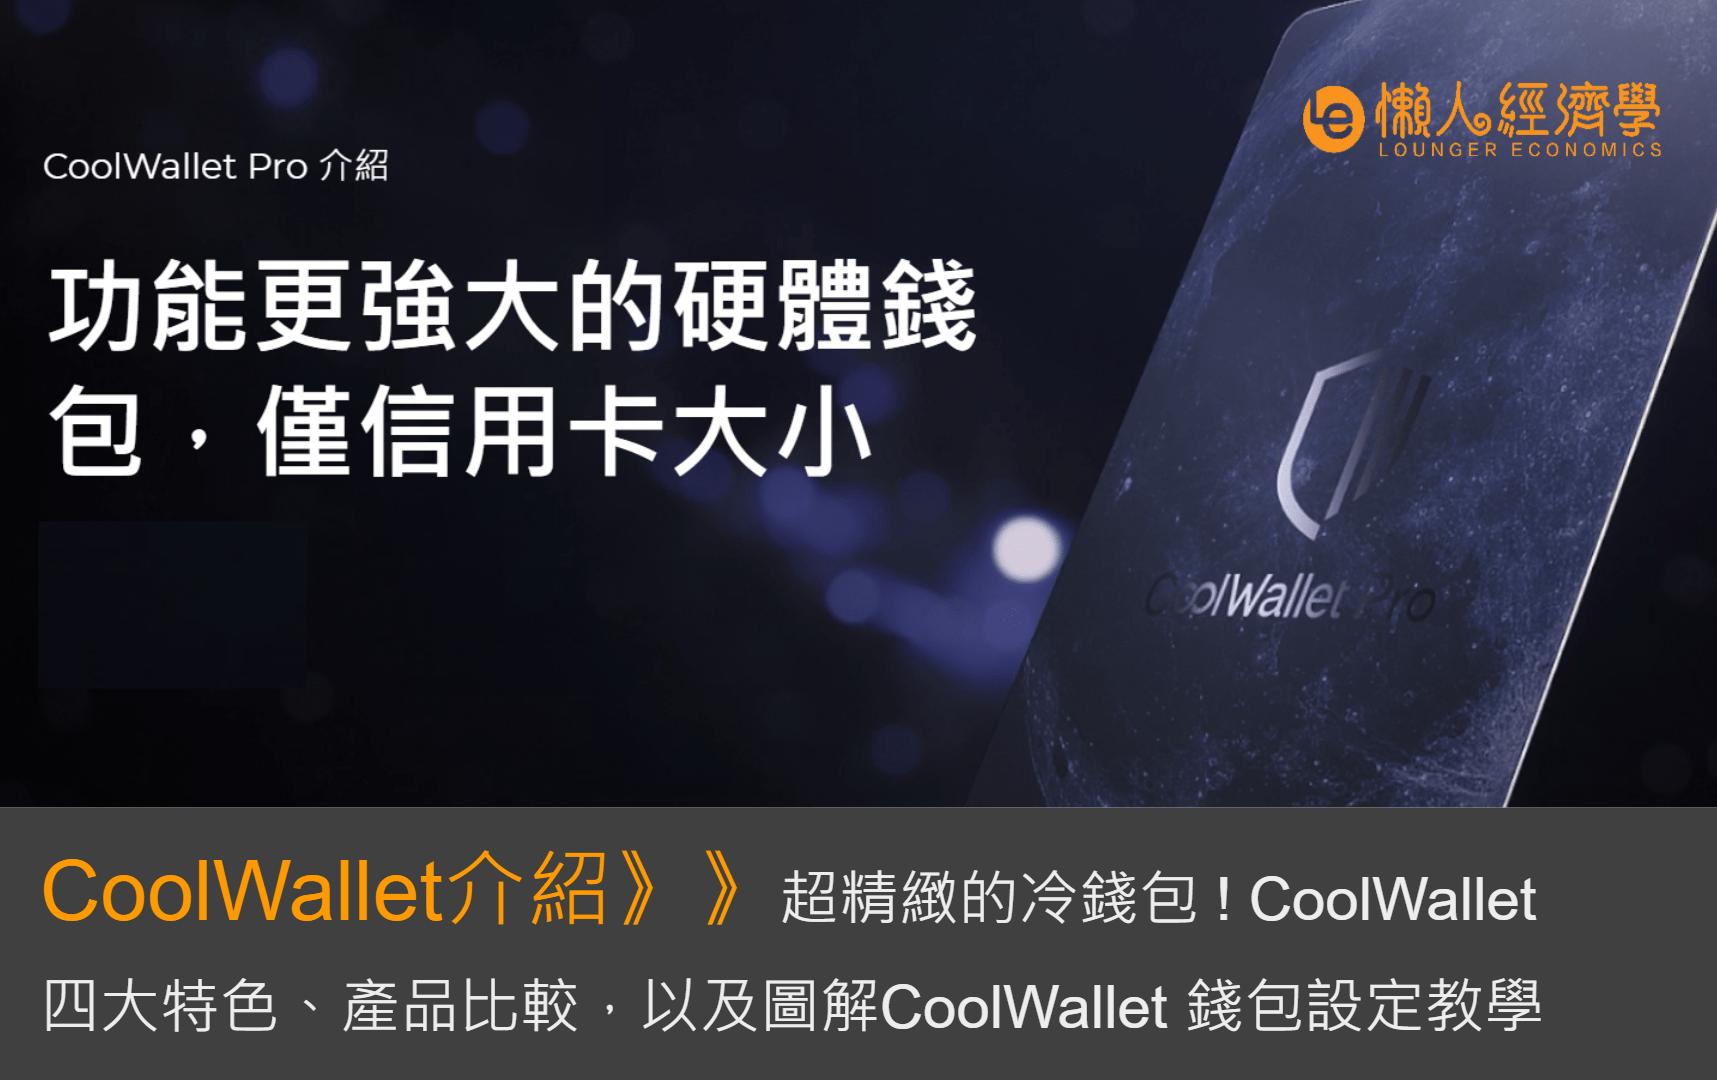 只有信用卡大小的冷錢包!介紹CoolWallet 四大特色、產品比較、圖解CoolWallet設定教學